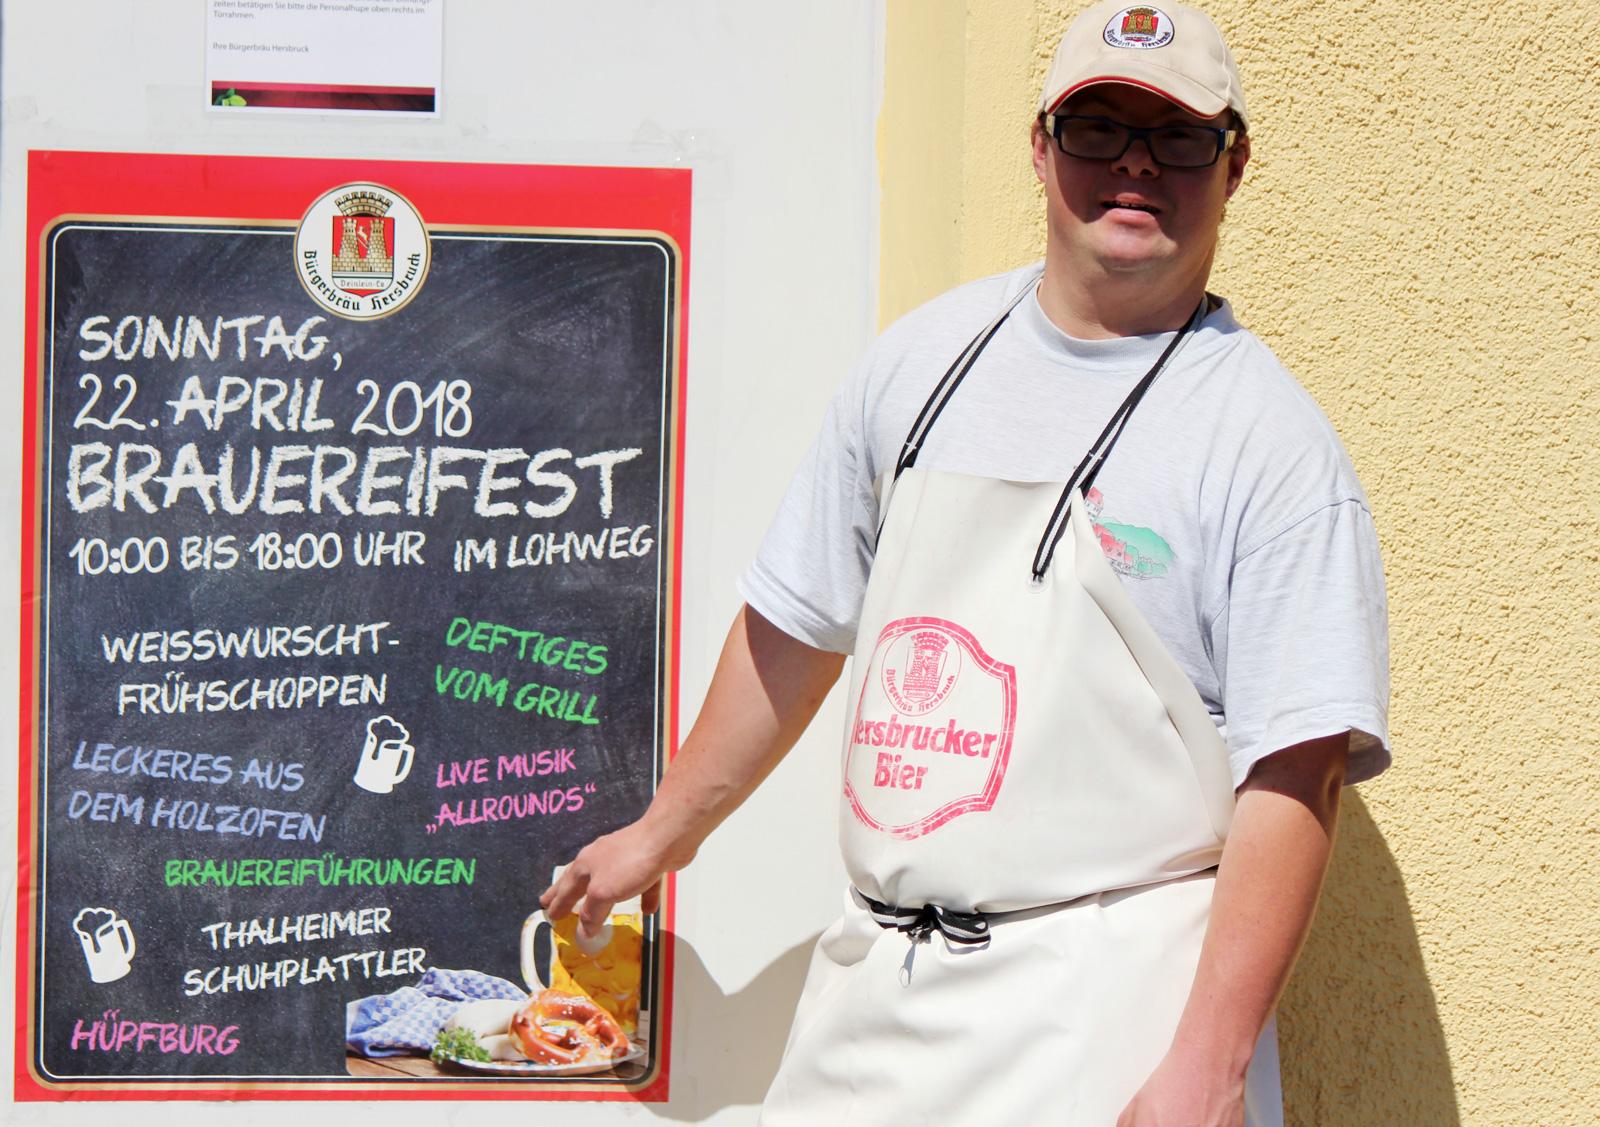 André Szwirkszlys freut sich auf das Brauereifest kommendes Wochenende und zeigt auf das Plakat. Mit seinem Außenarbeitsplatz identifiziert er sich vollends.